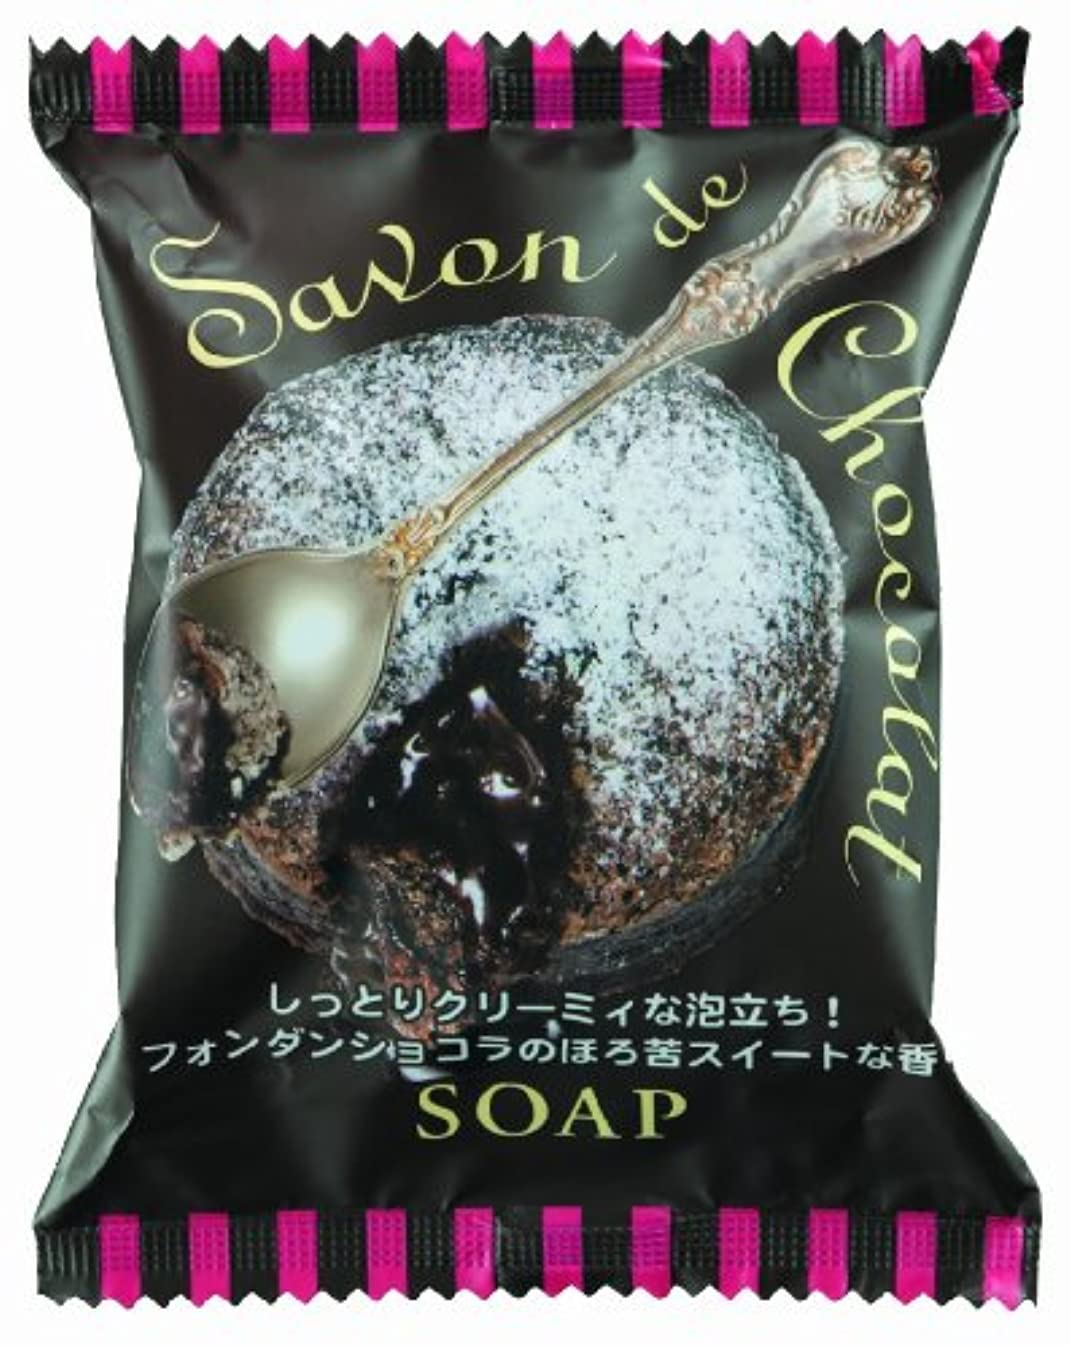 シェフ侵略破滅的なペリカン石鹸 サボンドショコラソープ 80g